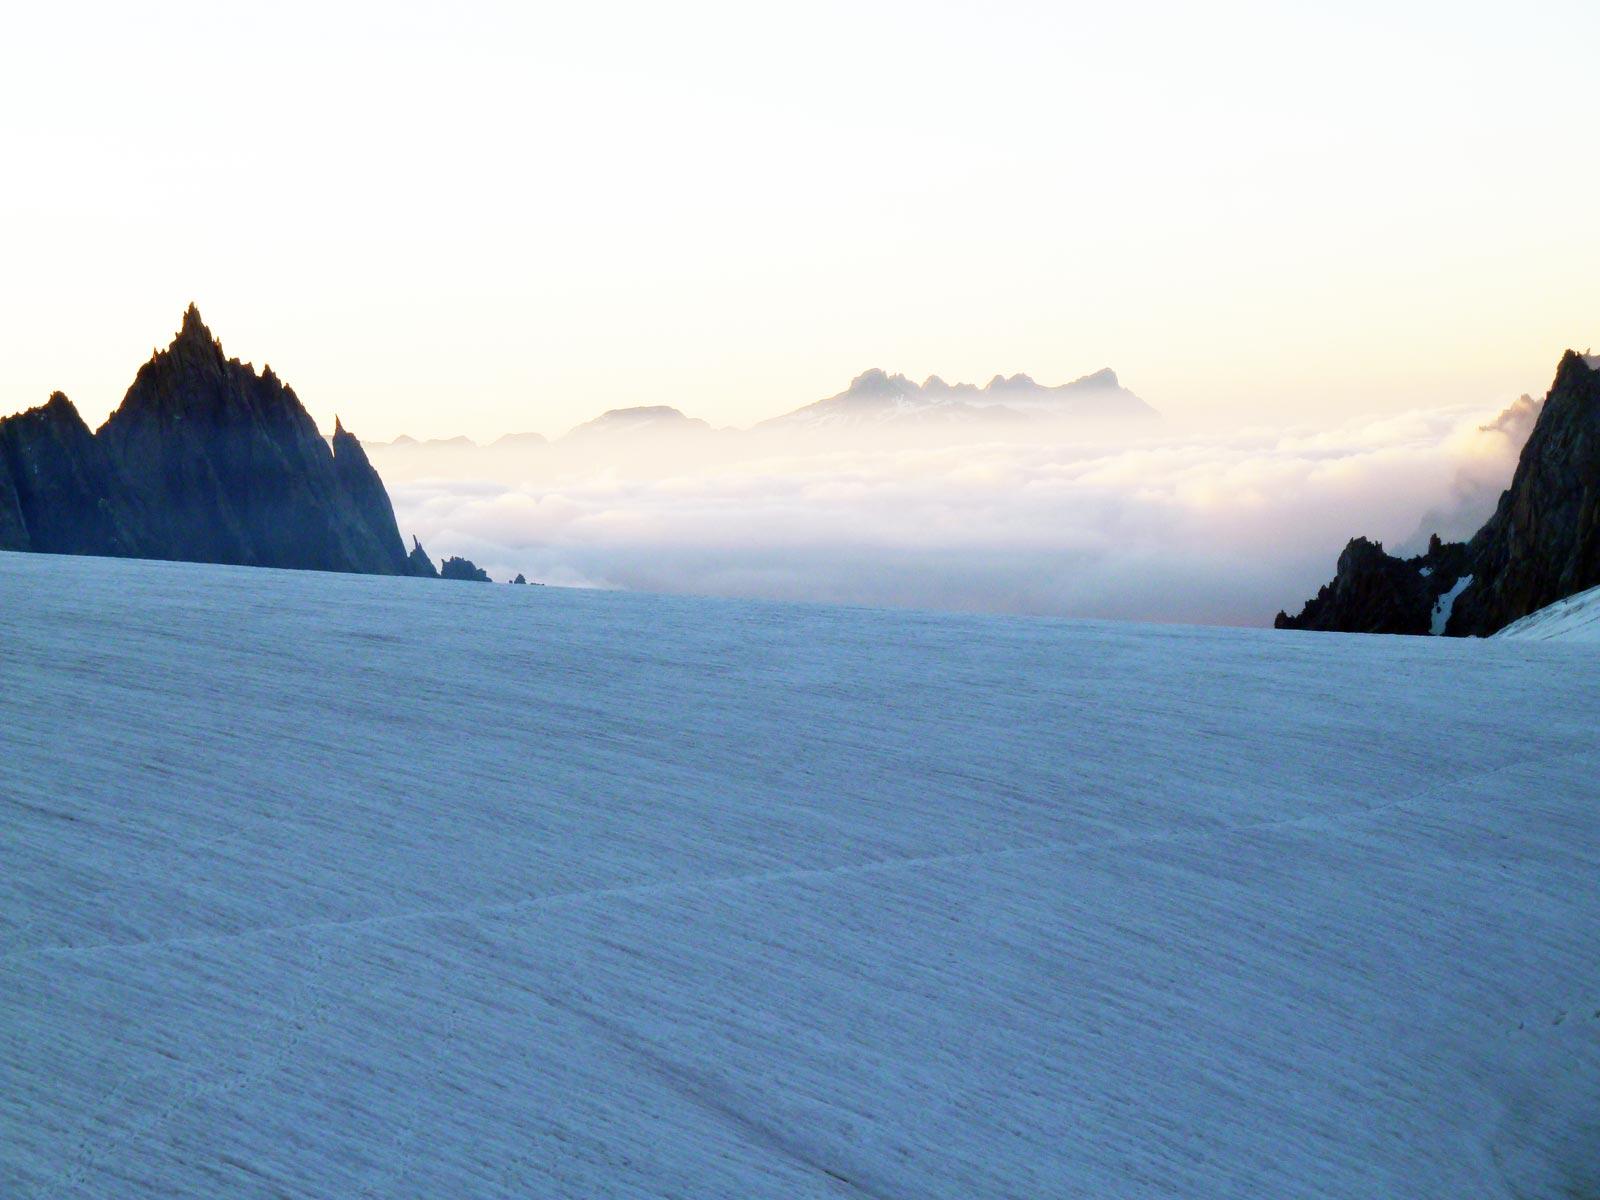 alpinismo-basque-guias-de-montana-2